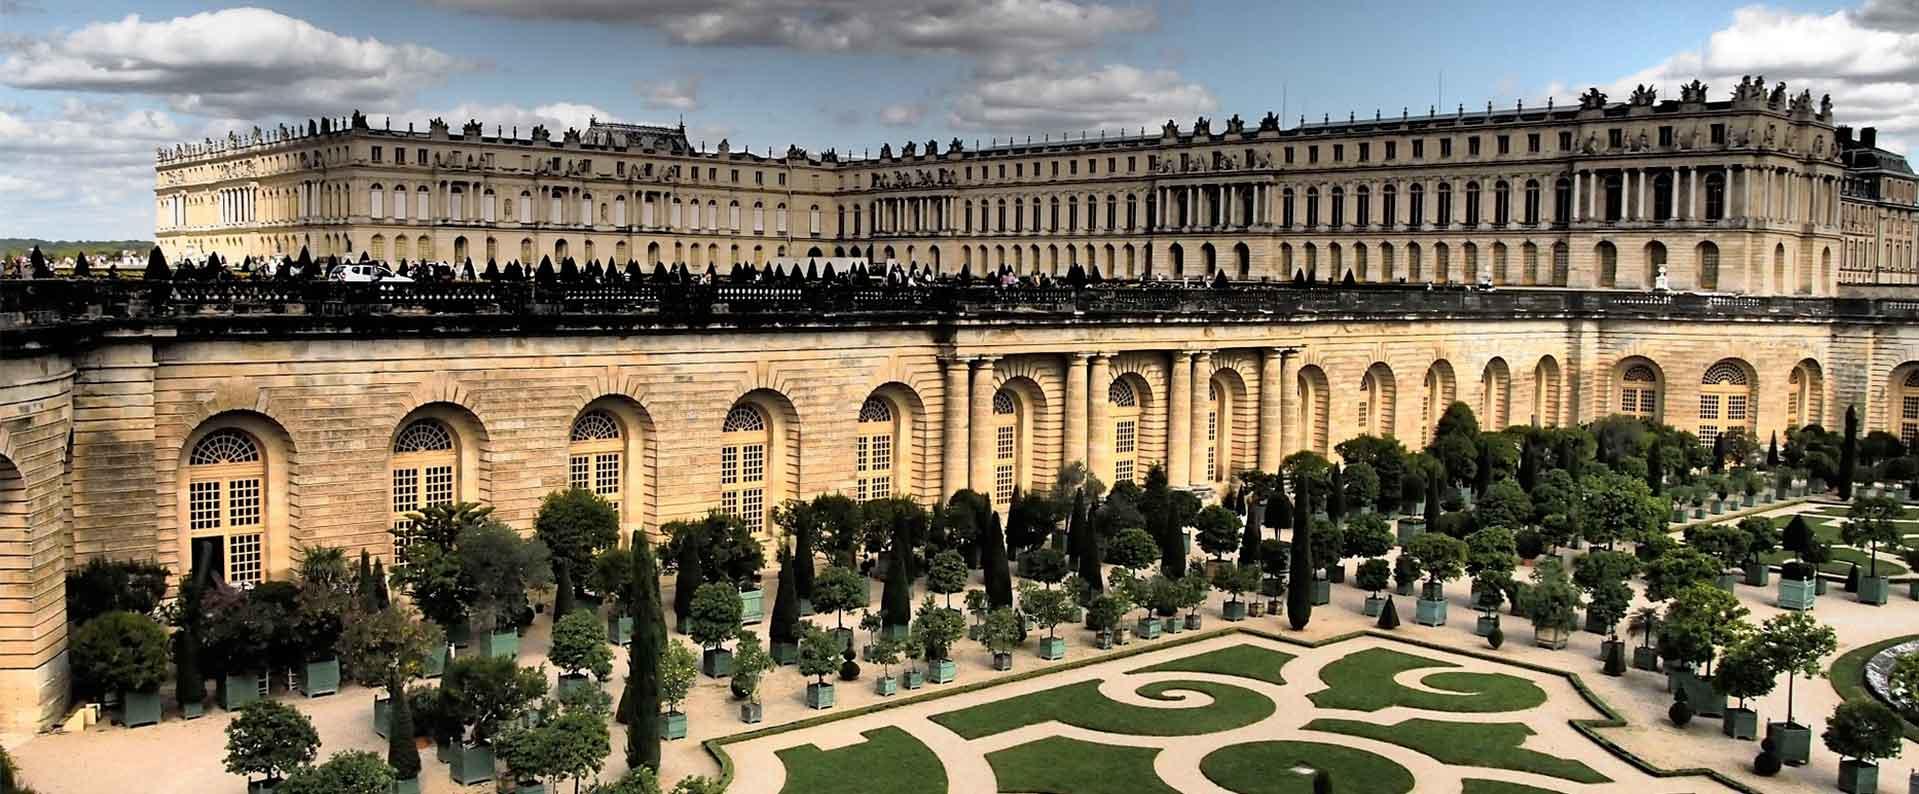 château de versailles - paris